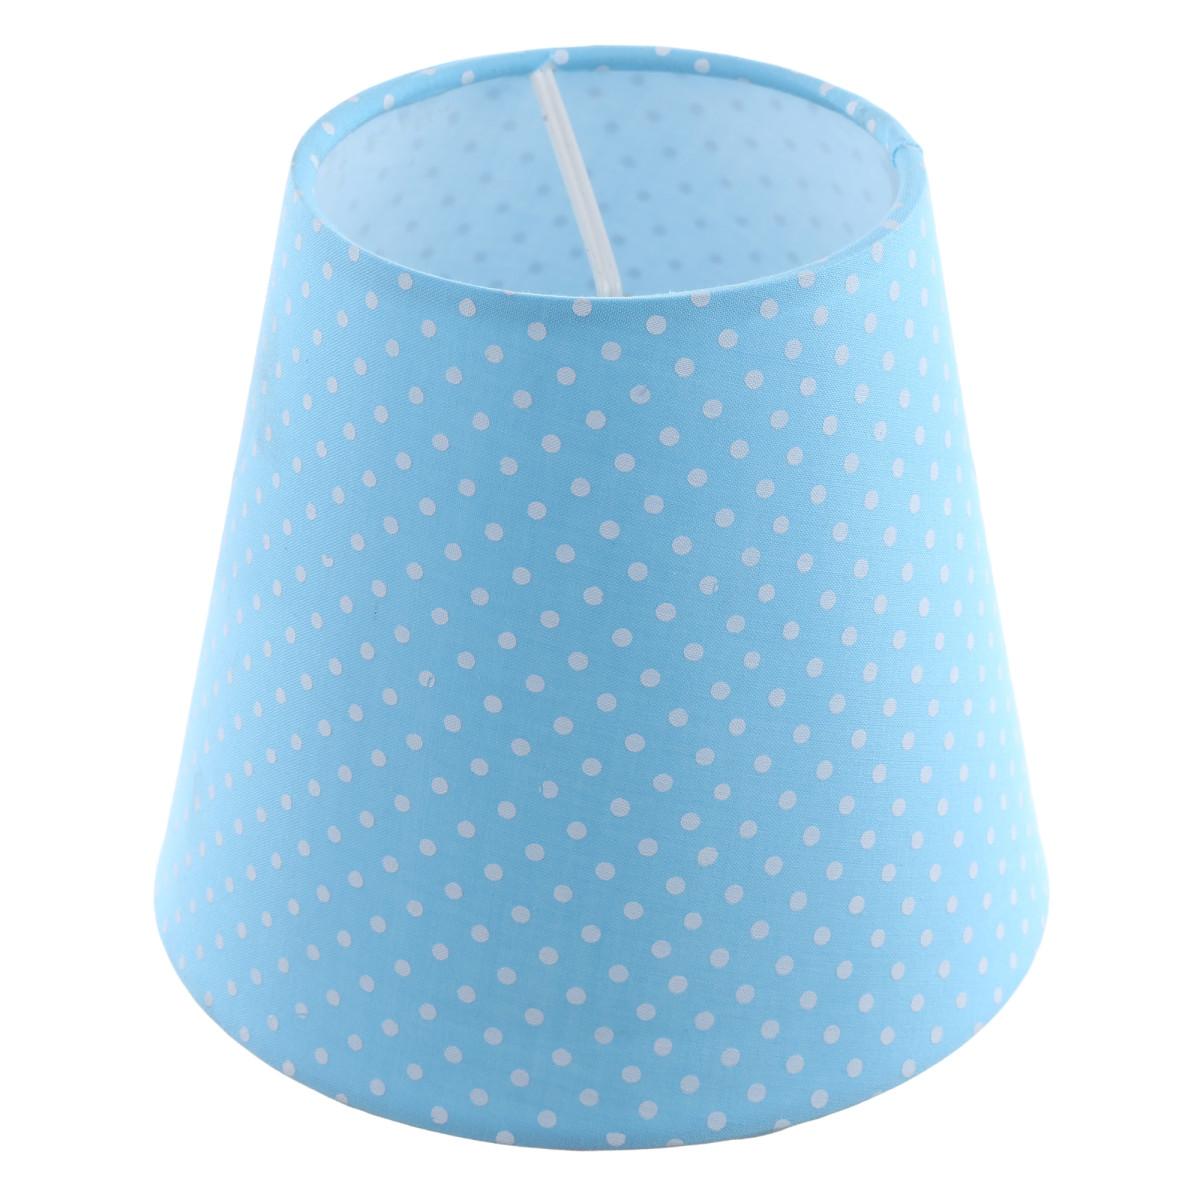 Абажур Blue with white dots малый 1xE14 цвет голубой